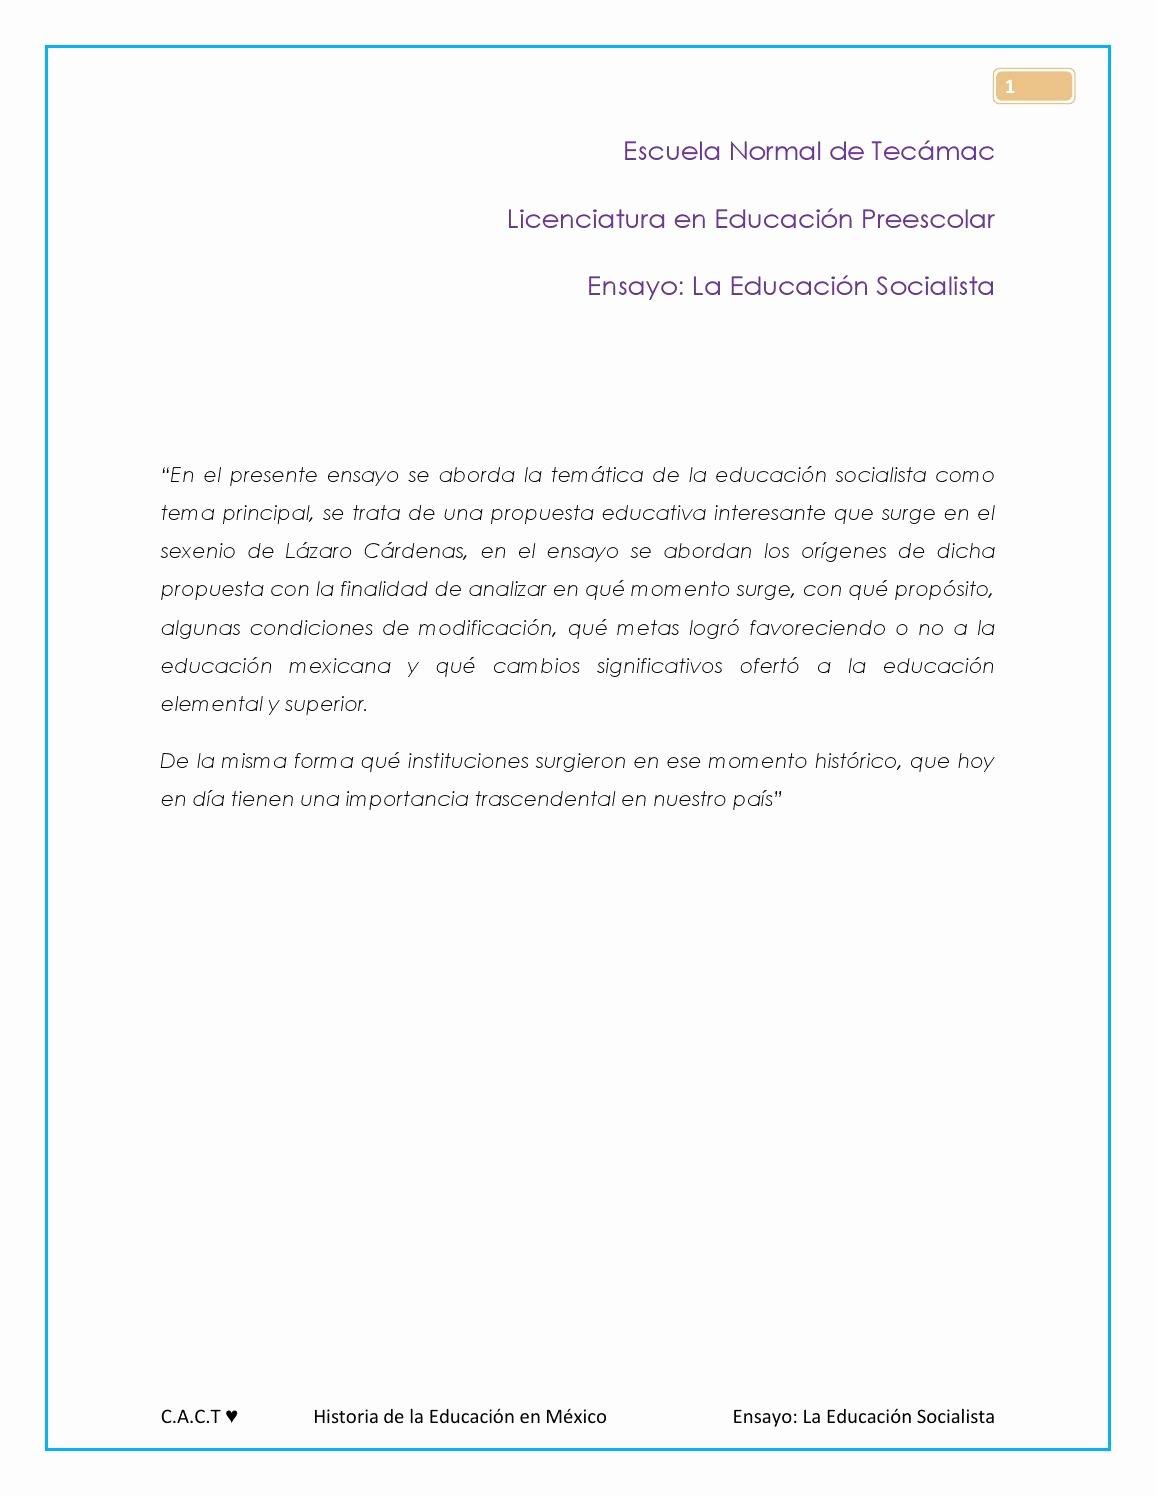 Sermon Template Microsoft Word Fresh La Educacion socialista En Mexico Blog by Cinthya Ct issuu